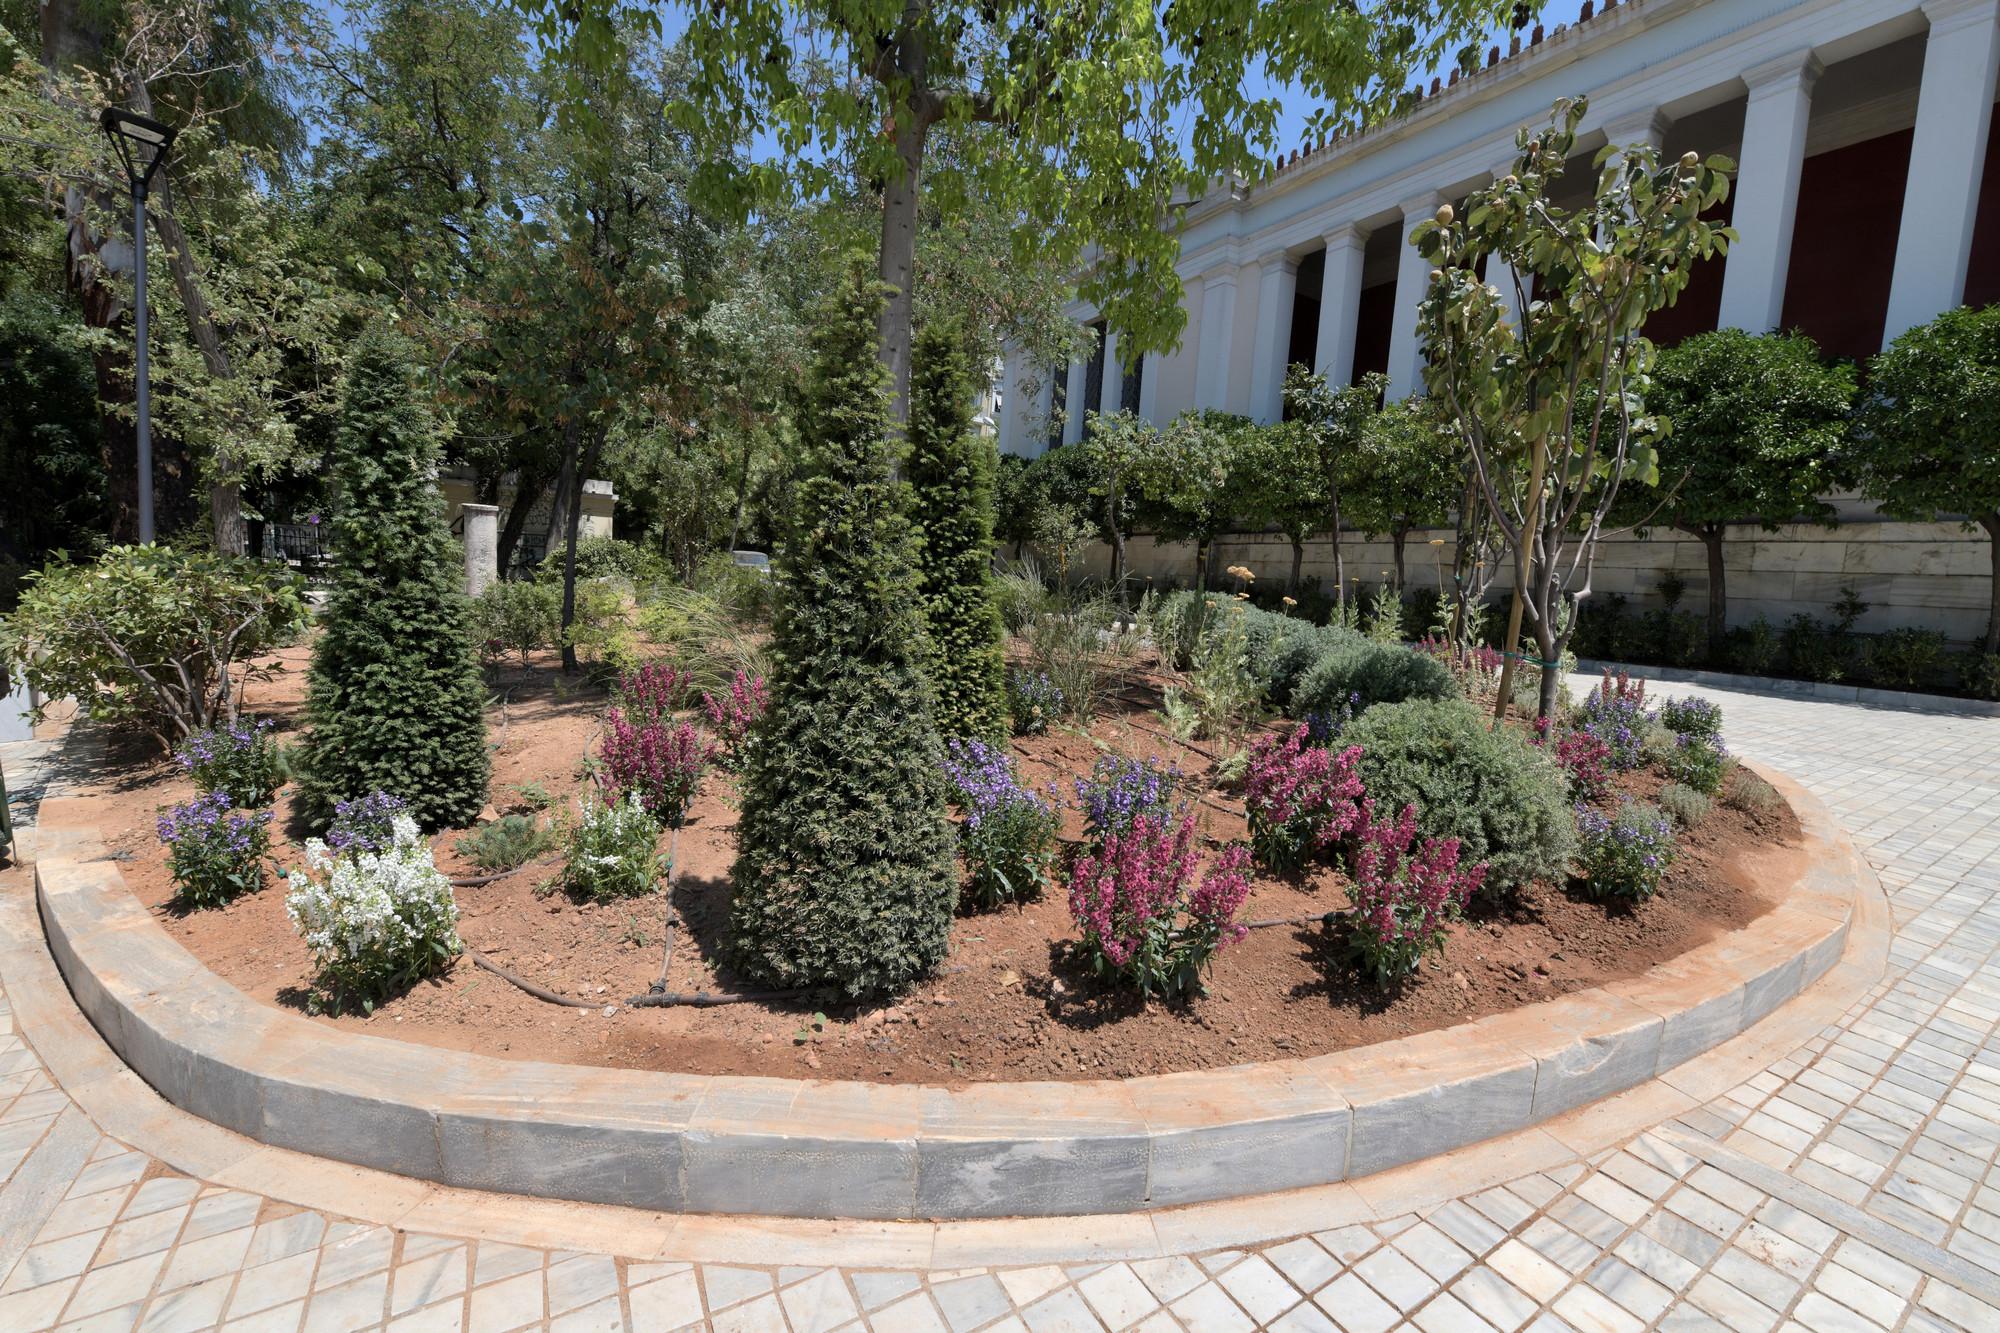 Ο κήπος του Εθνικού Αρχαιολογικού Μουσείου Εθνικό Αρχαιολογικό Μουσείο Το Εθνικό Αρχαιολογικό Μουσείο έχει νέο κήπο DSC 7856